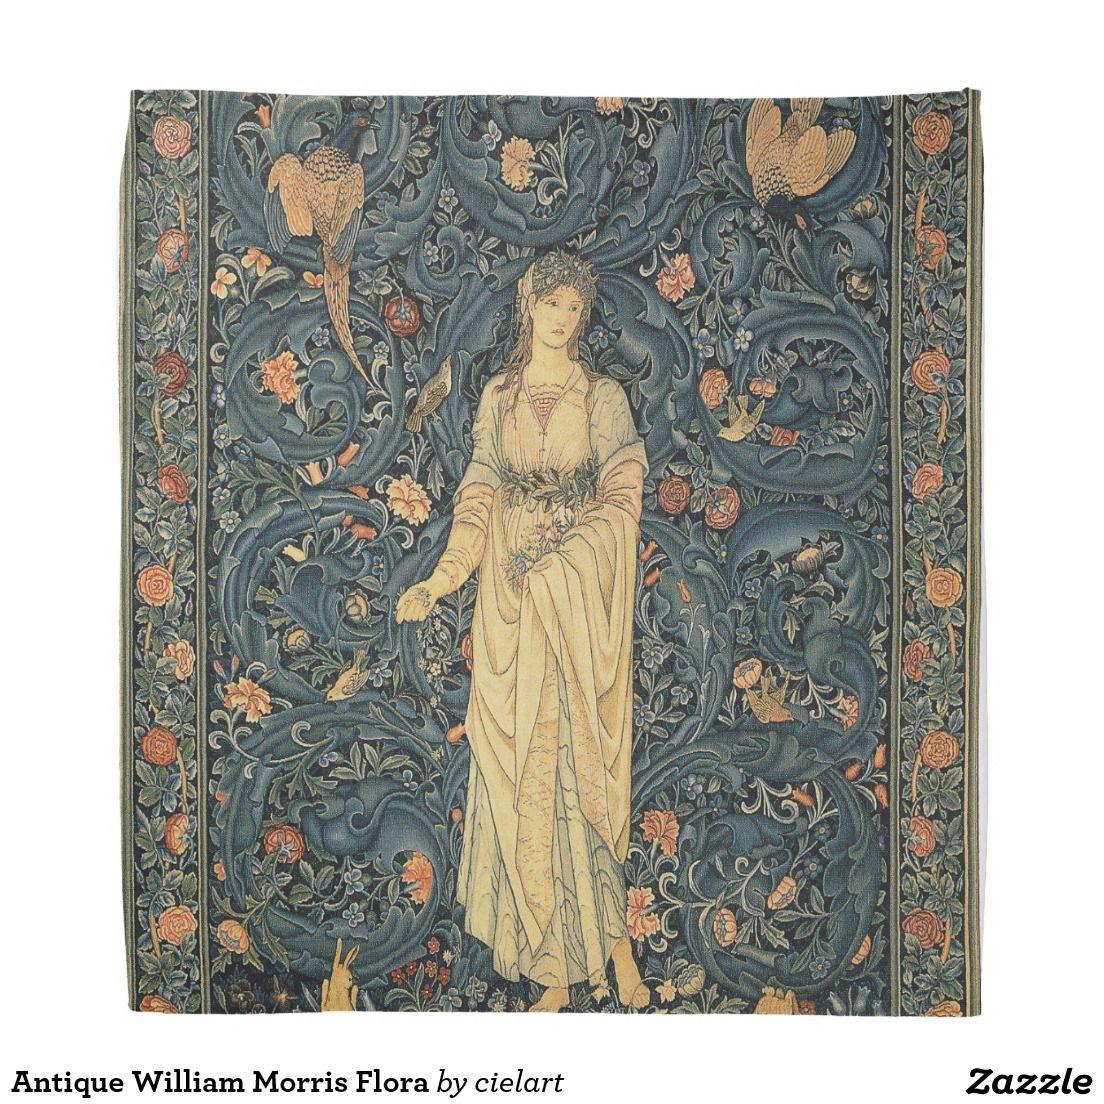 Antique william morris flora bandana with images